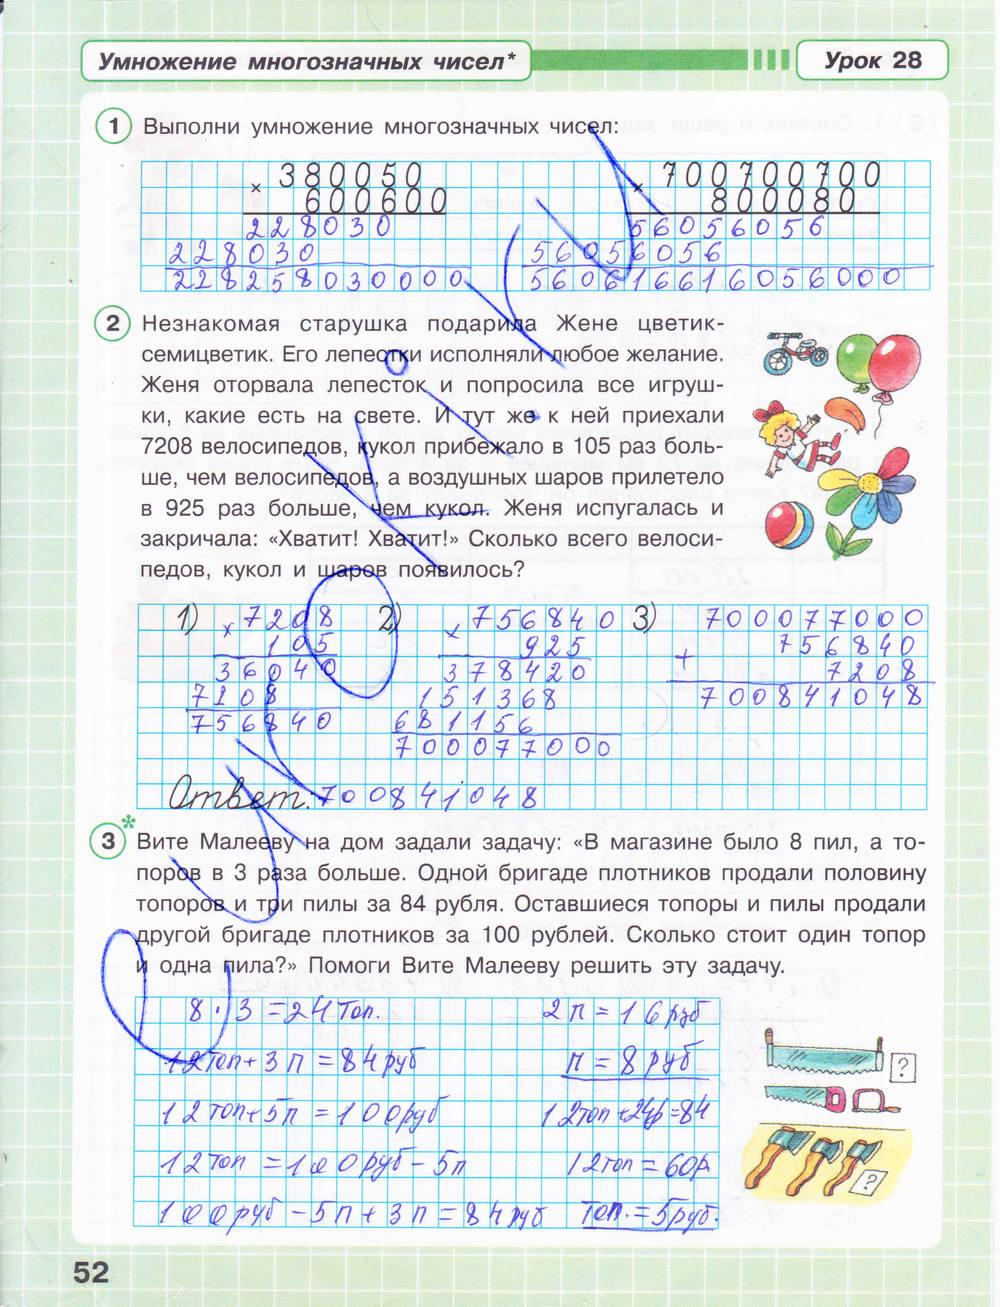 гдз решебник рабочая тетрадь по математике 3 класс л г петерсон